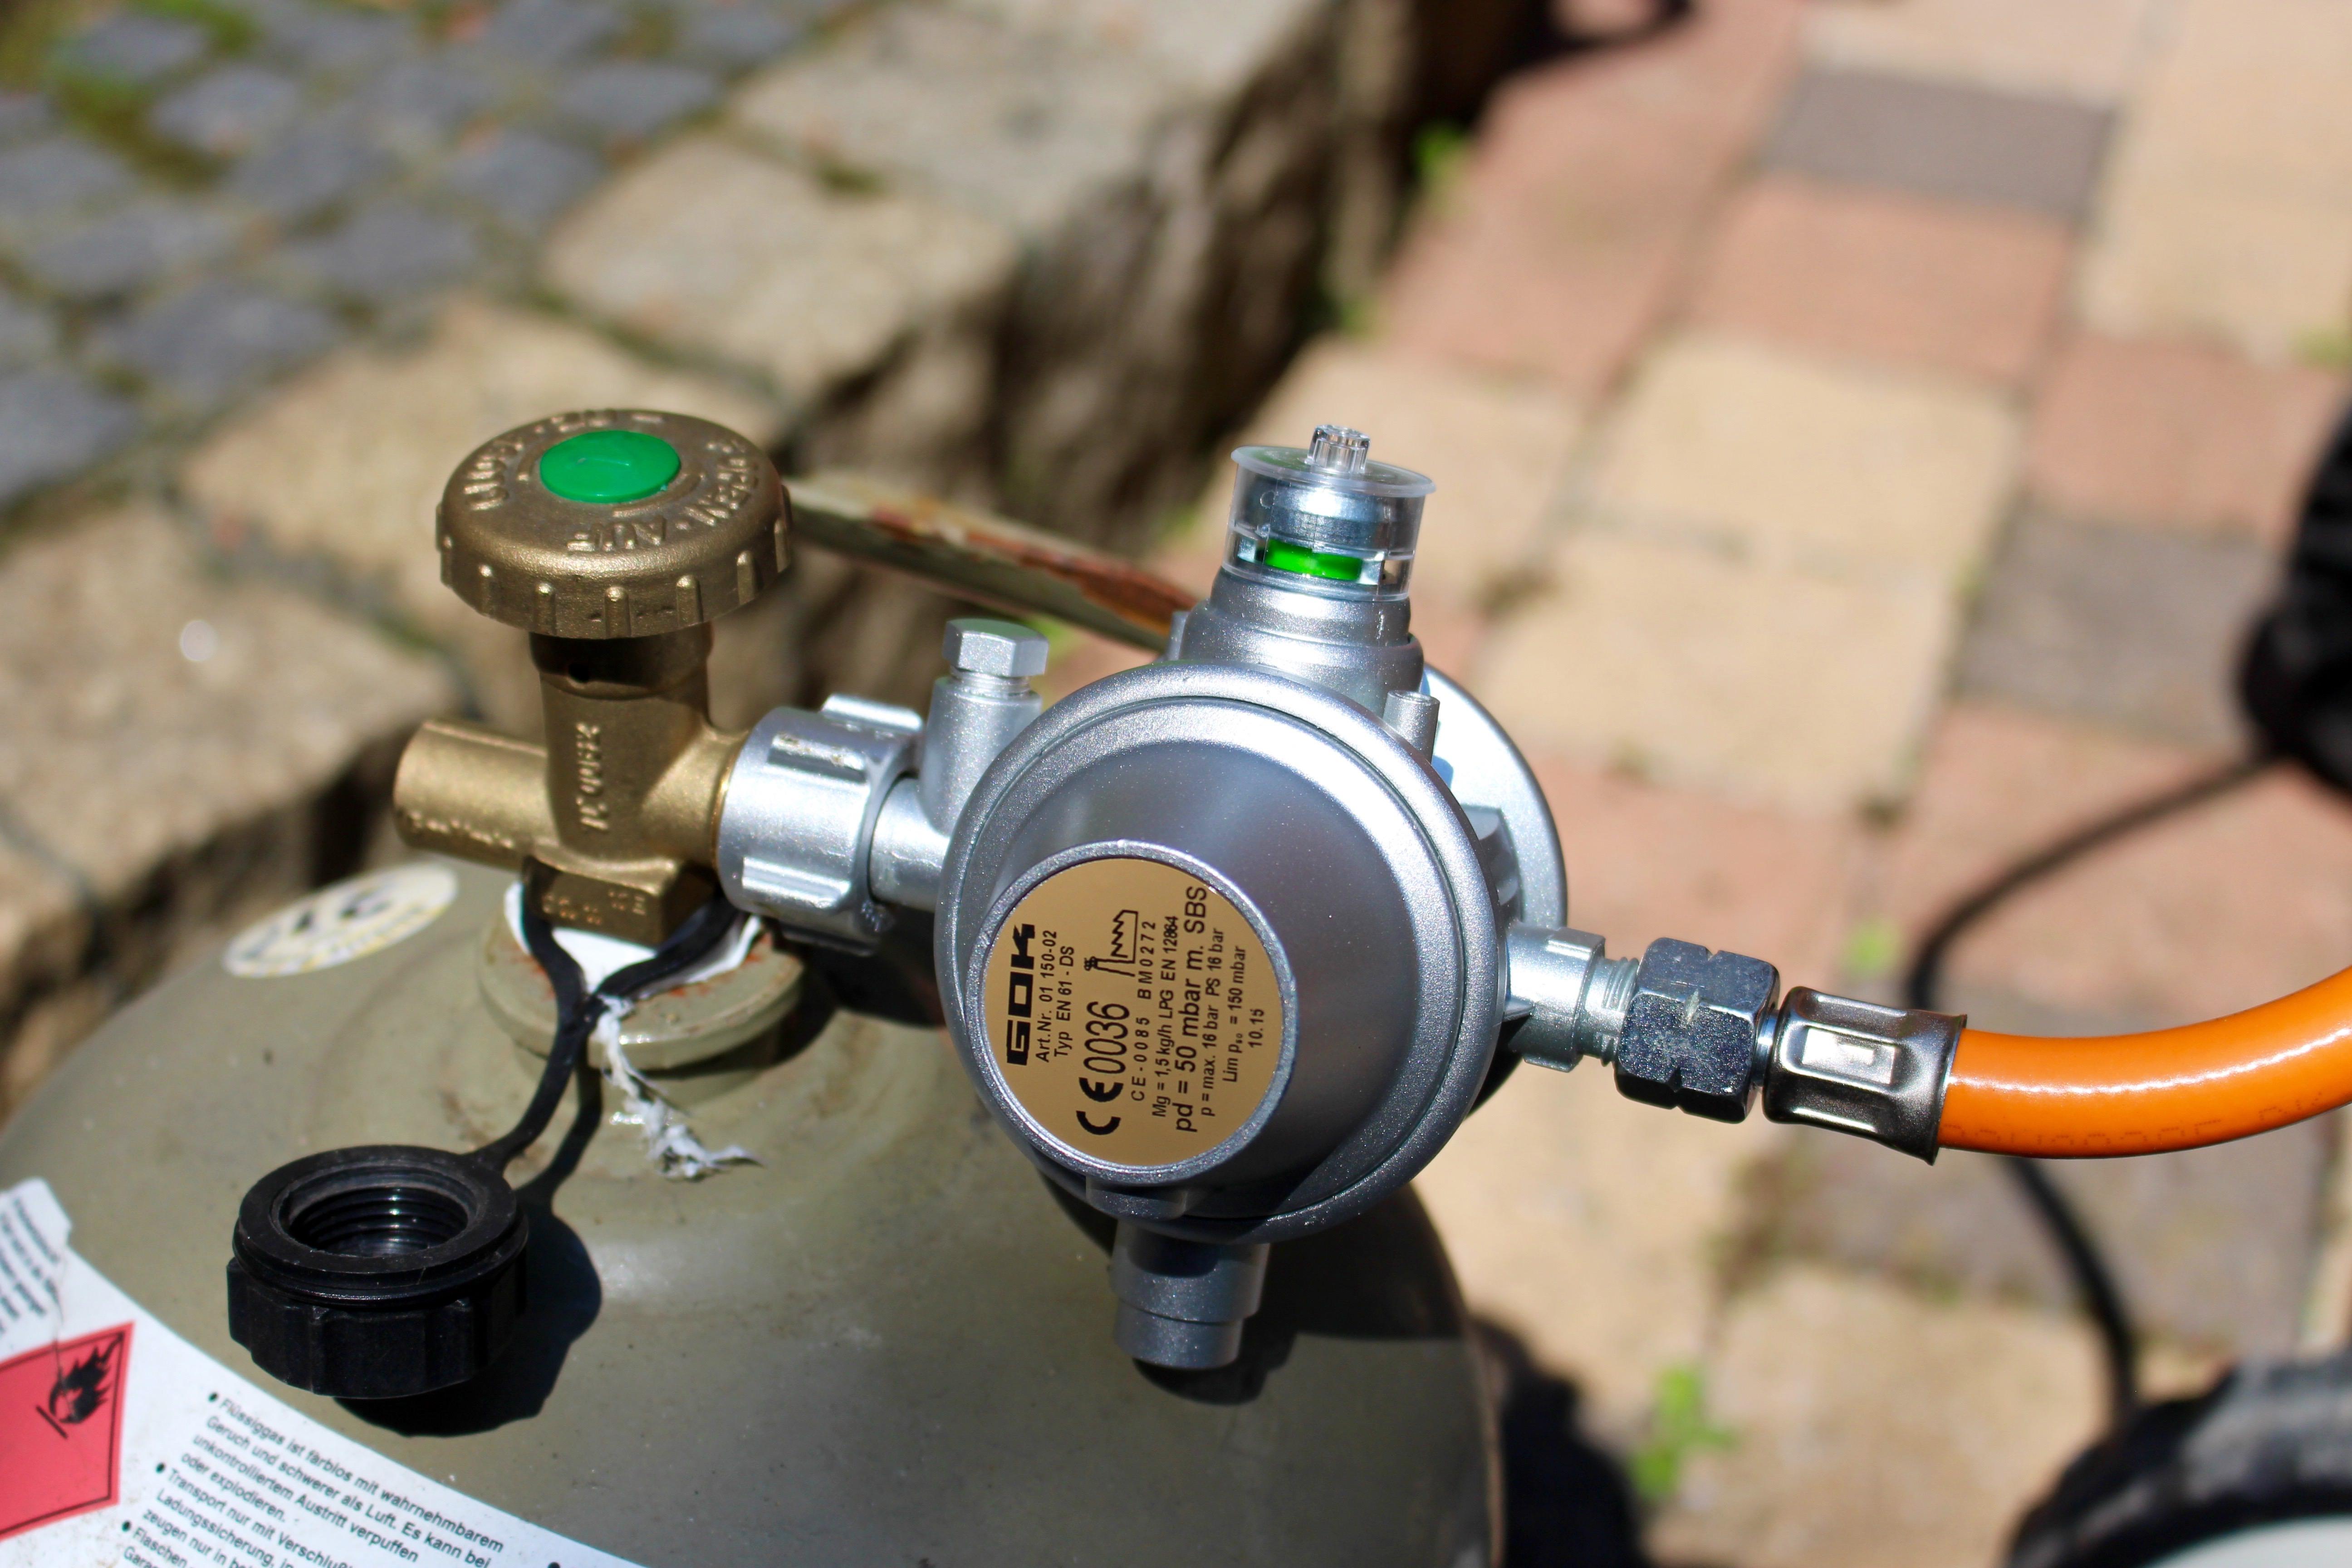 Gas Für Gasgrill : Wie kann ich meinen gasgrill sicherer machen fragdenstein